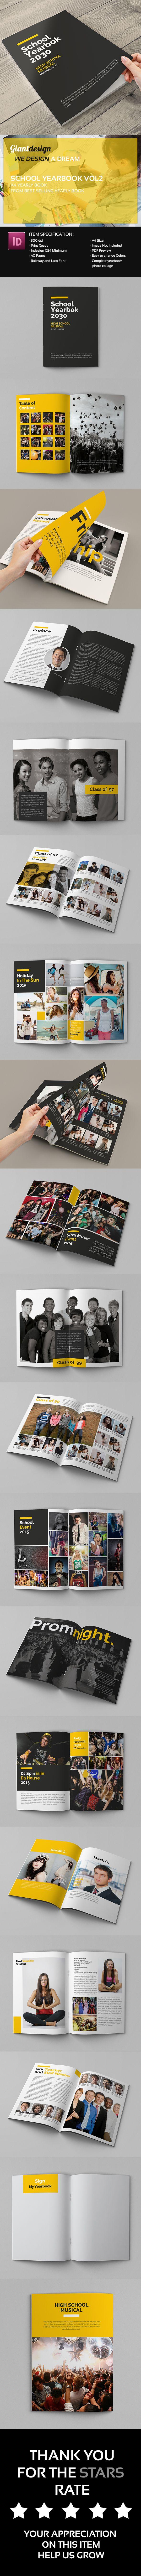 School Yearbook Vol2 on Behance